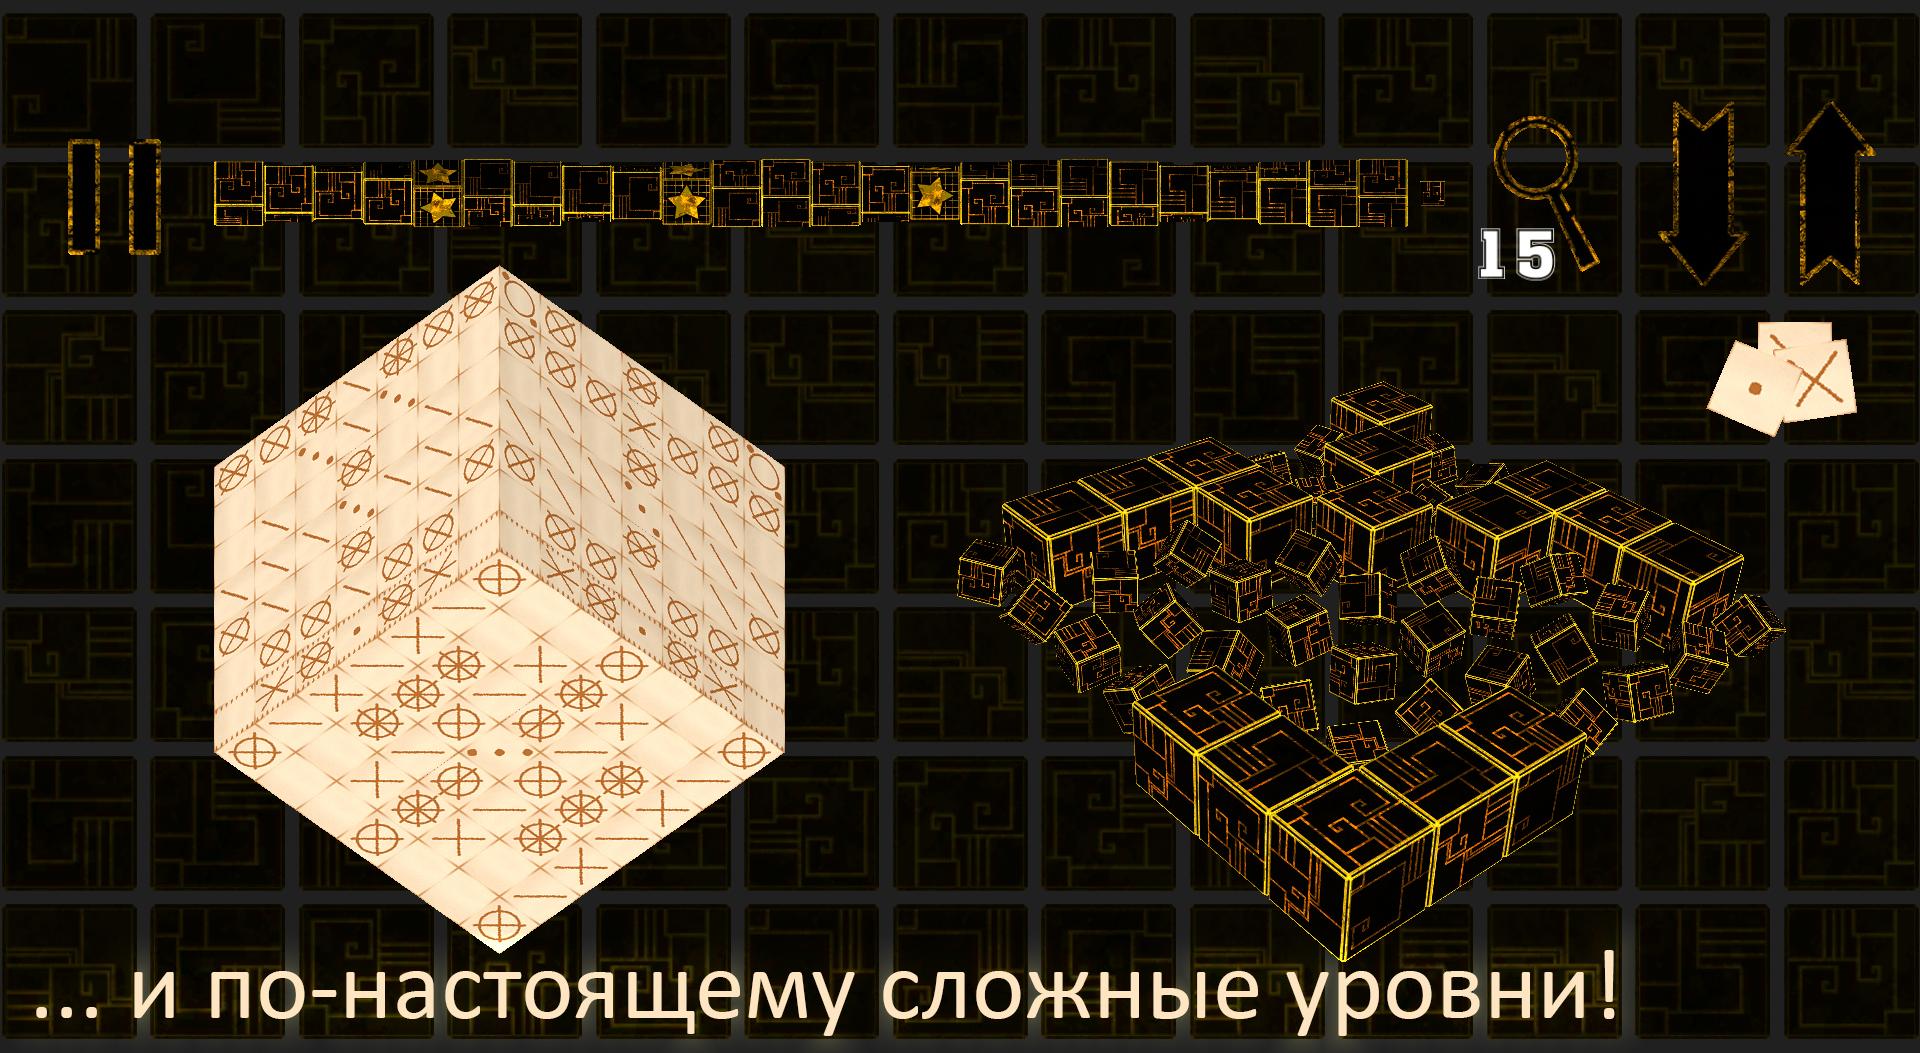 CubiqueScreenshot4